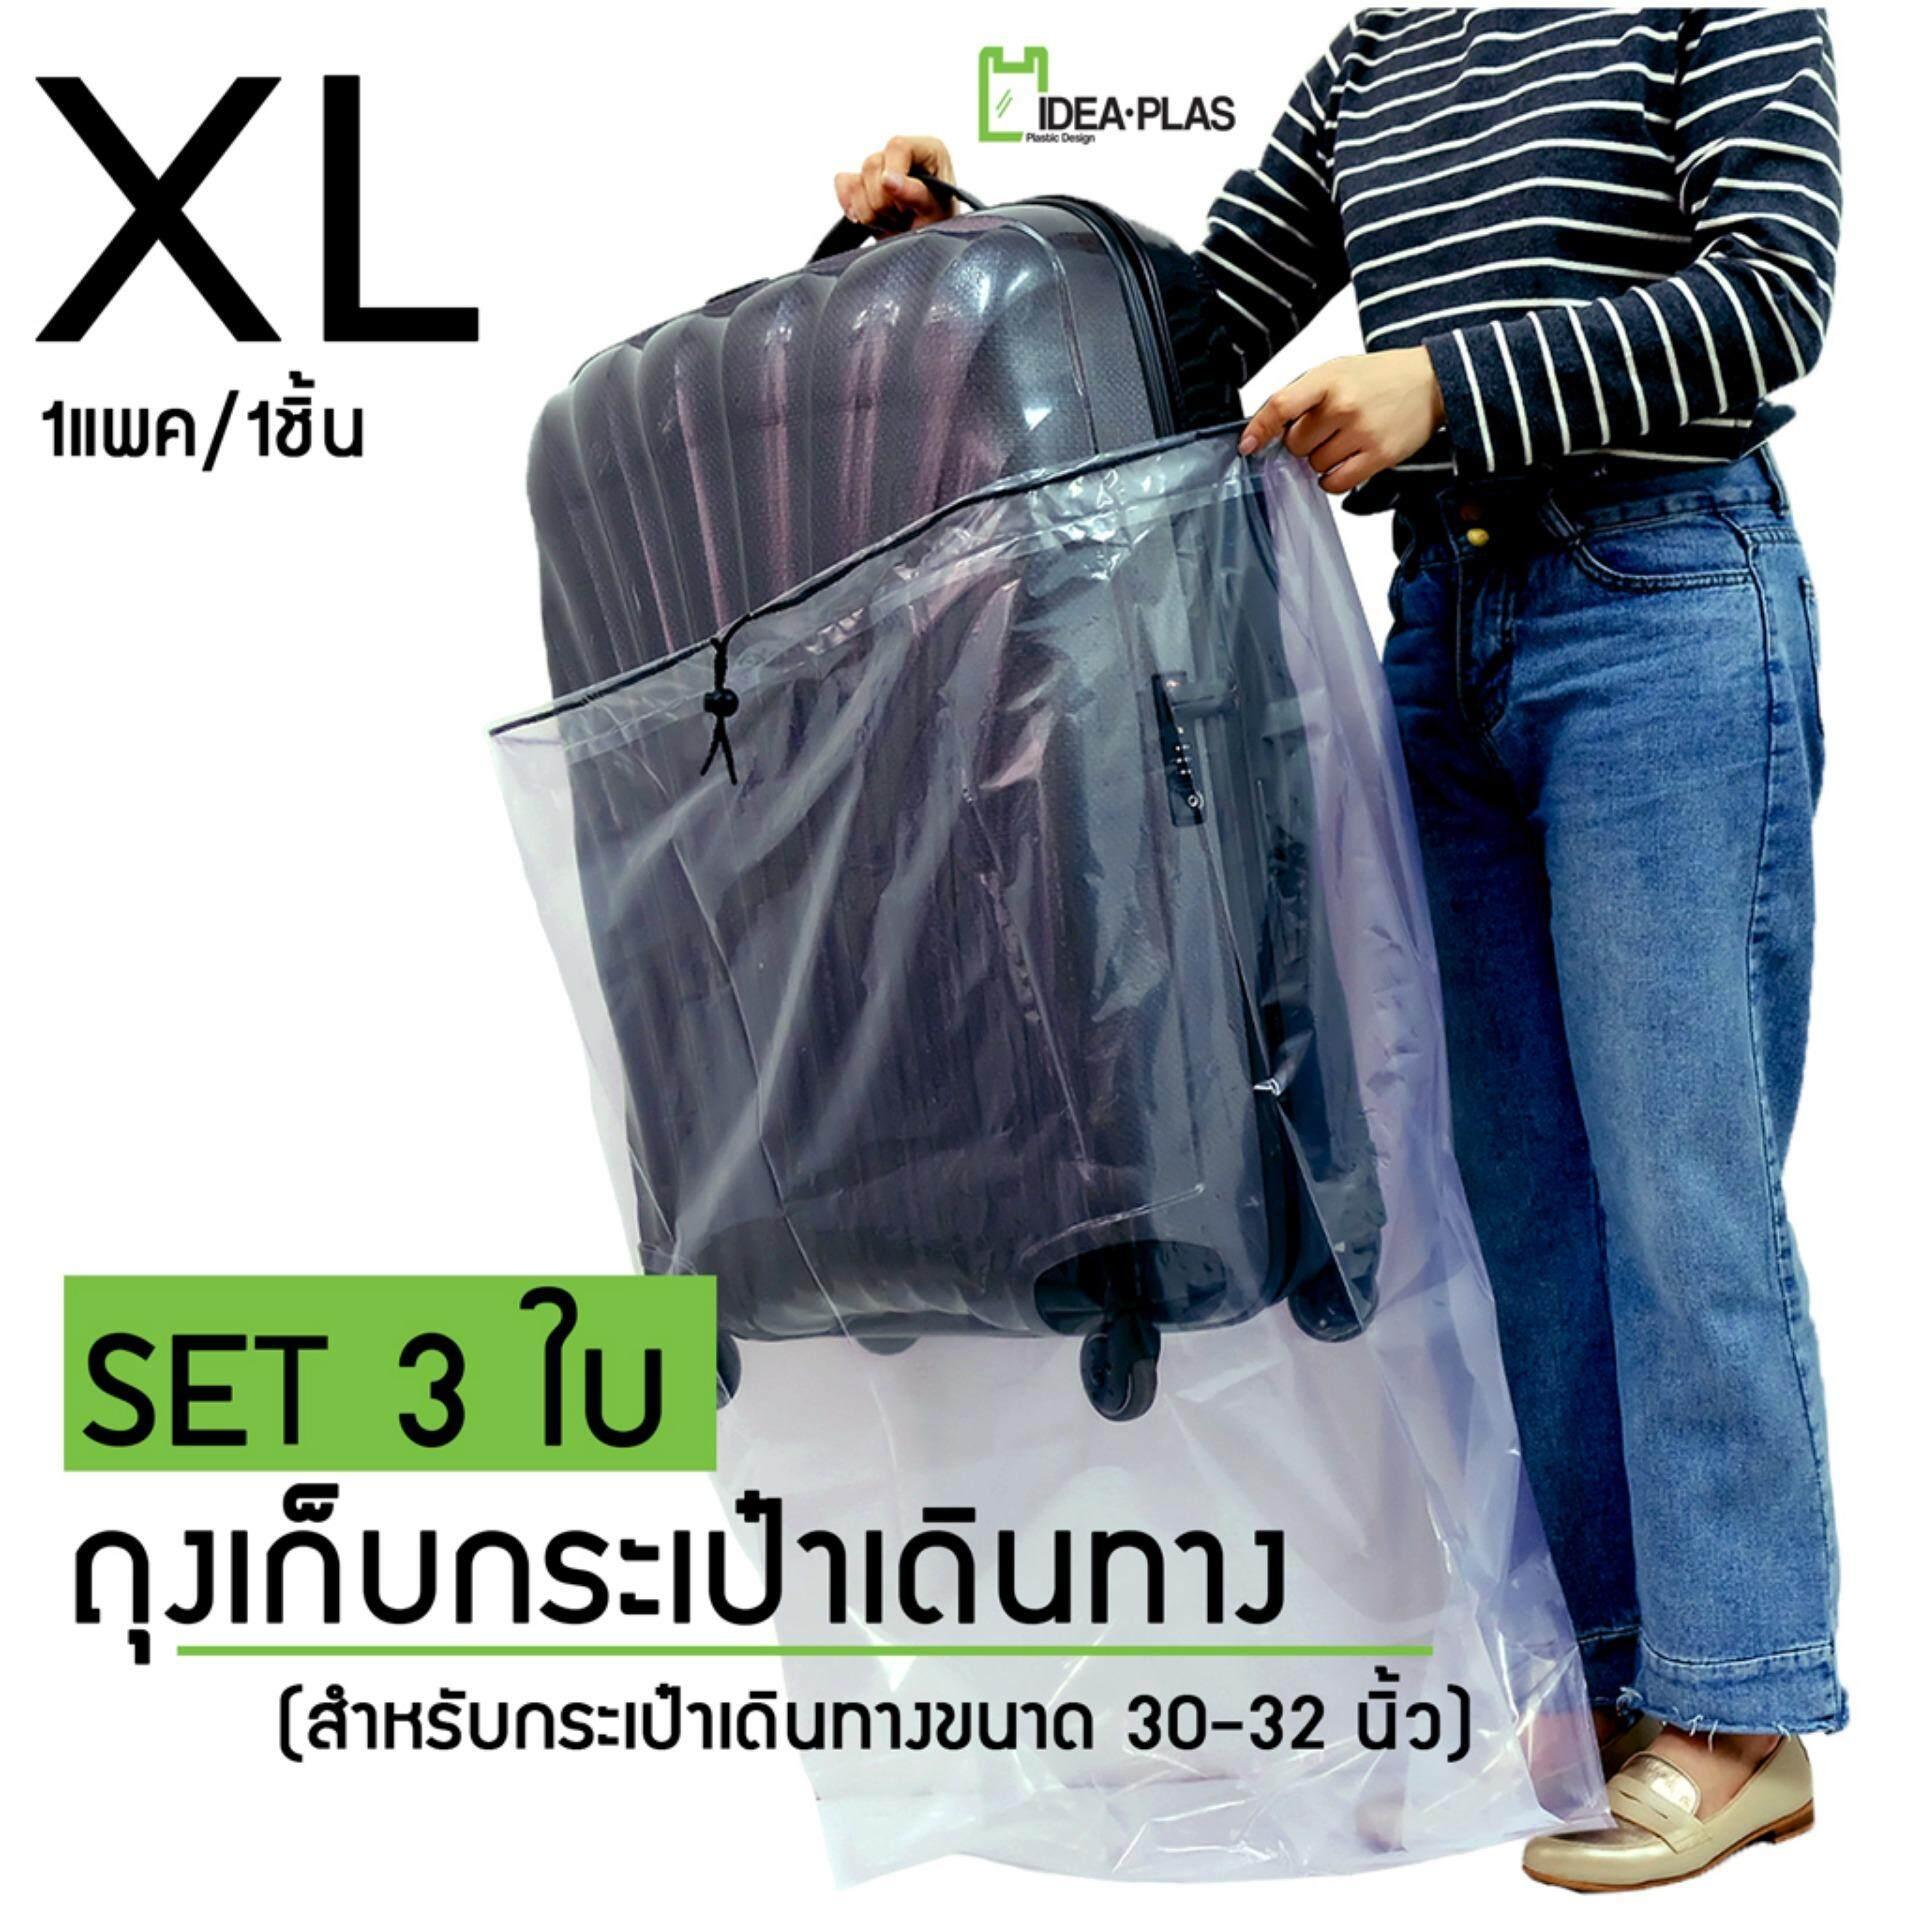 ถุงเก็บกระเป๋าเดินทาง Ideaplas ขนาด 30 นิ้ว (ใส)(set: Xl3)(3แพ็ค) พร้อมเชือกรูดที่ปากถุง .